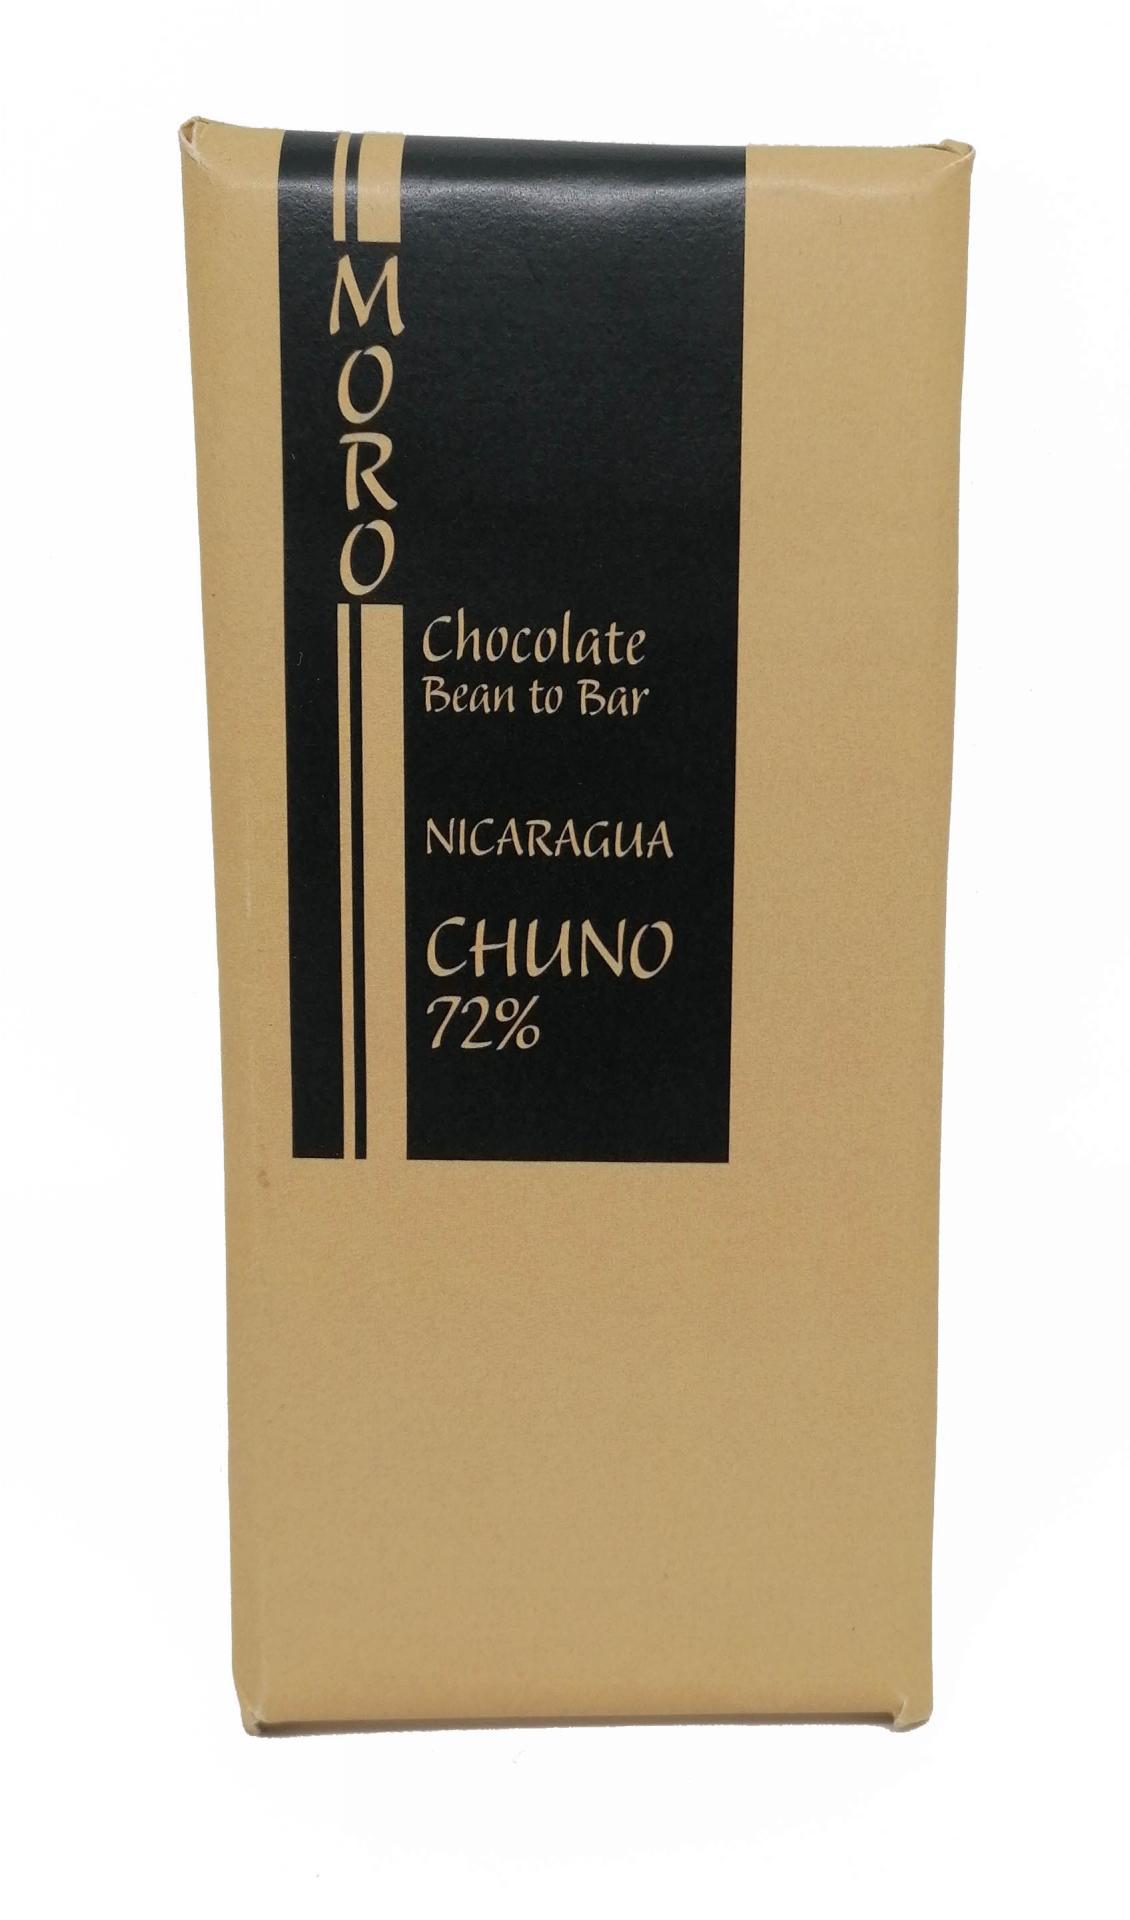 Chocolate Negro Chuno 72% - Chocolates Moro